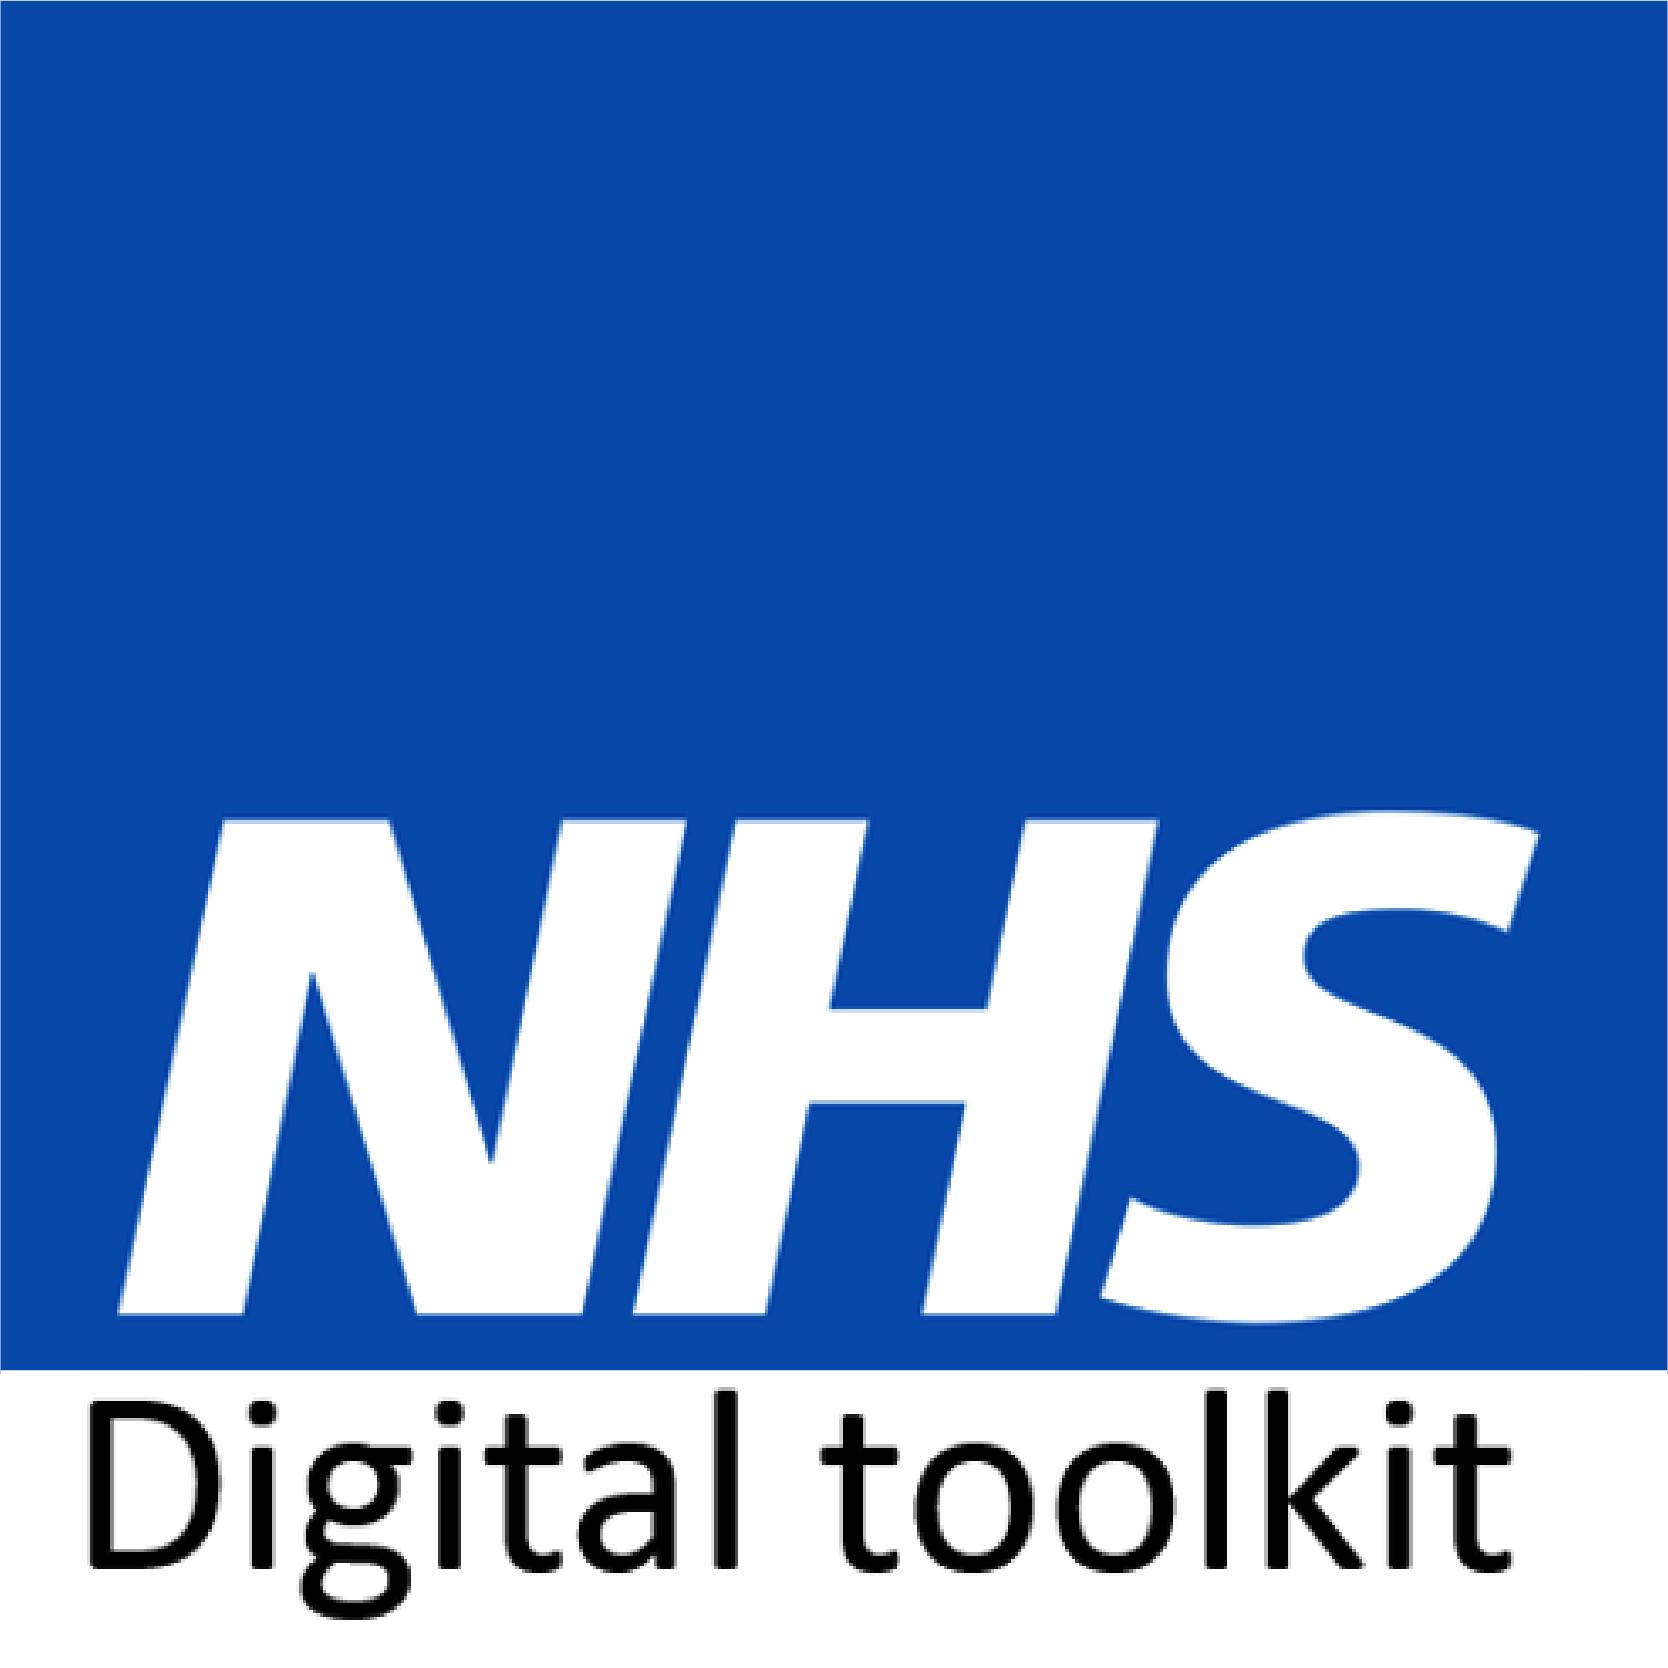 NHS Digital Toolkit.jpg